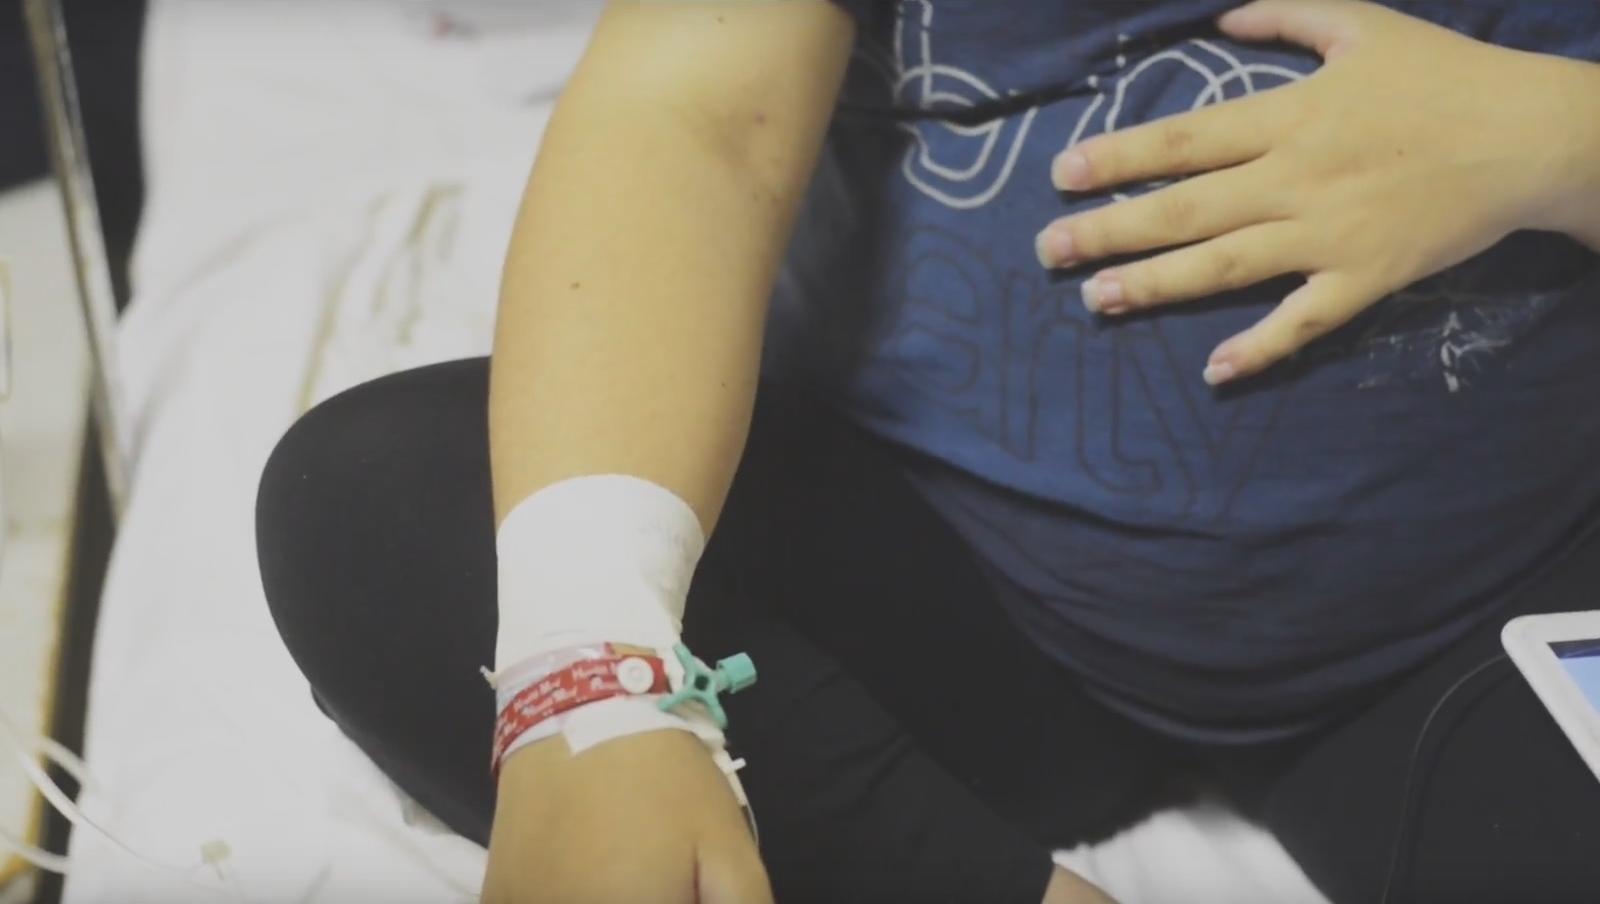 projetos da UCPel: detalhe de mulher grávida com mão na barriga